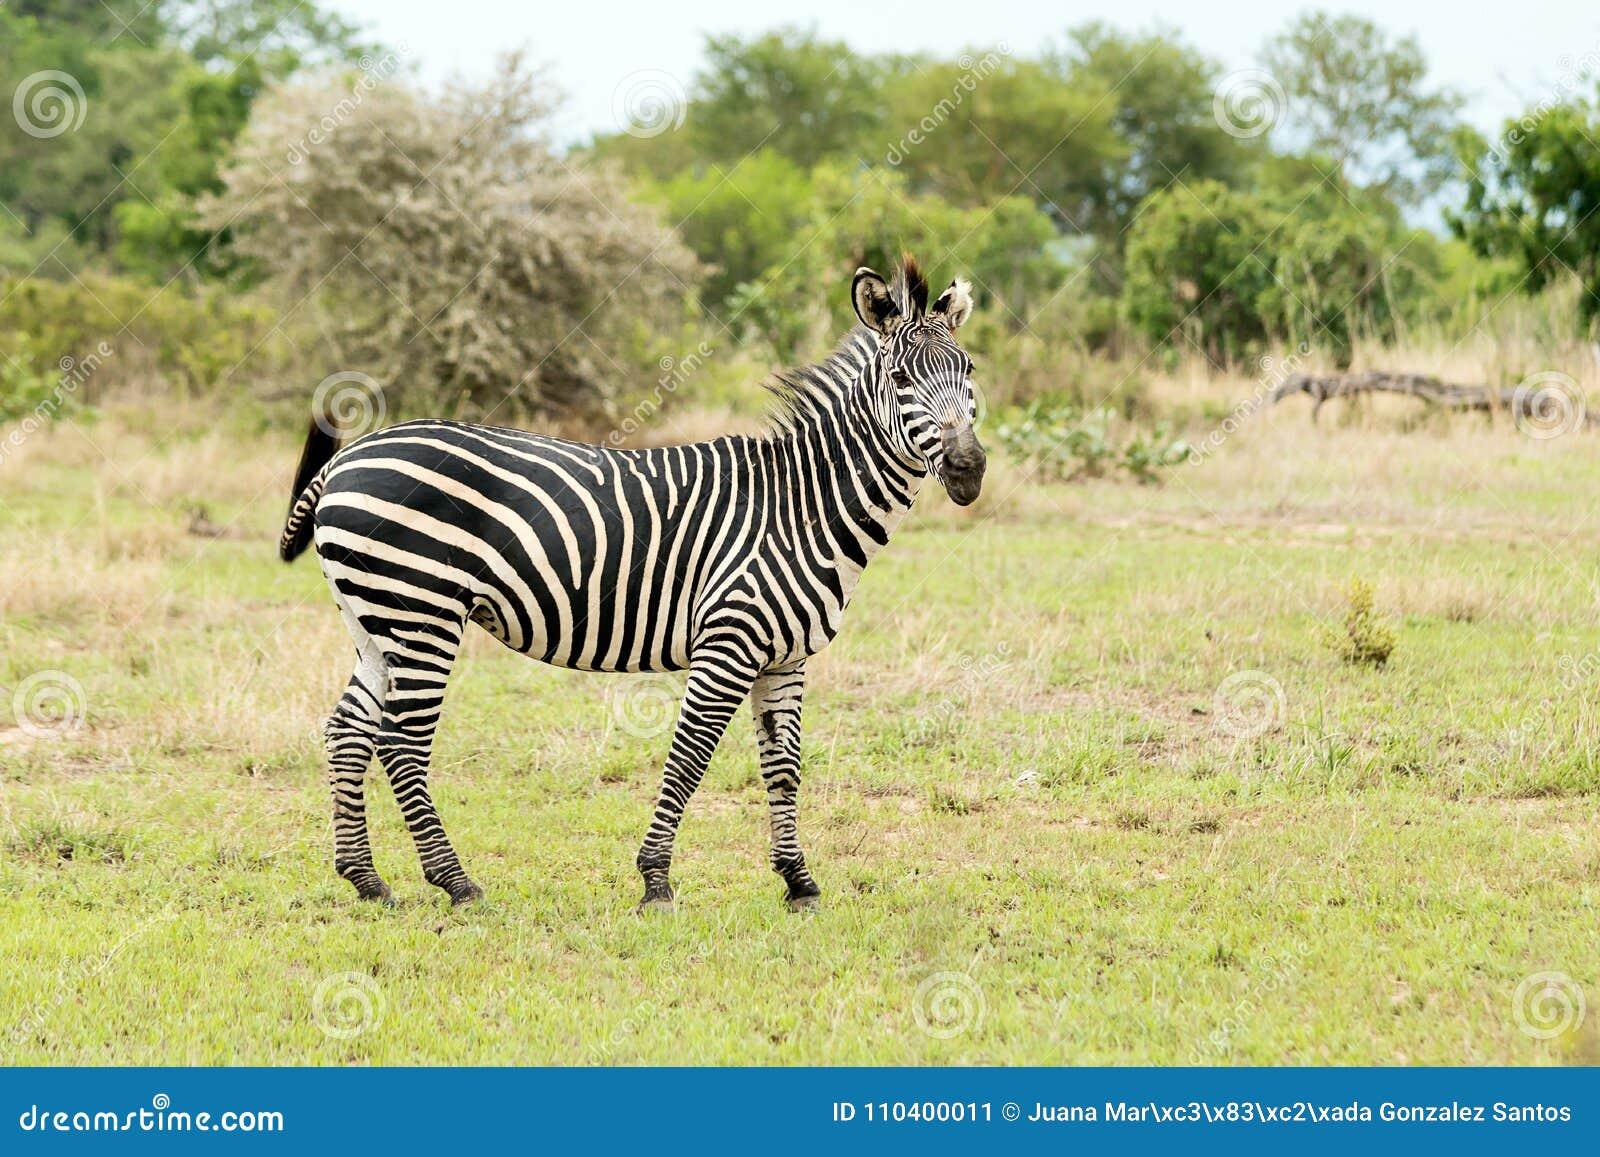 Cebra en safari